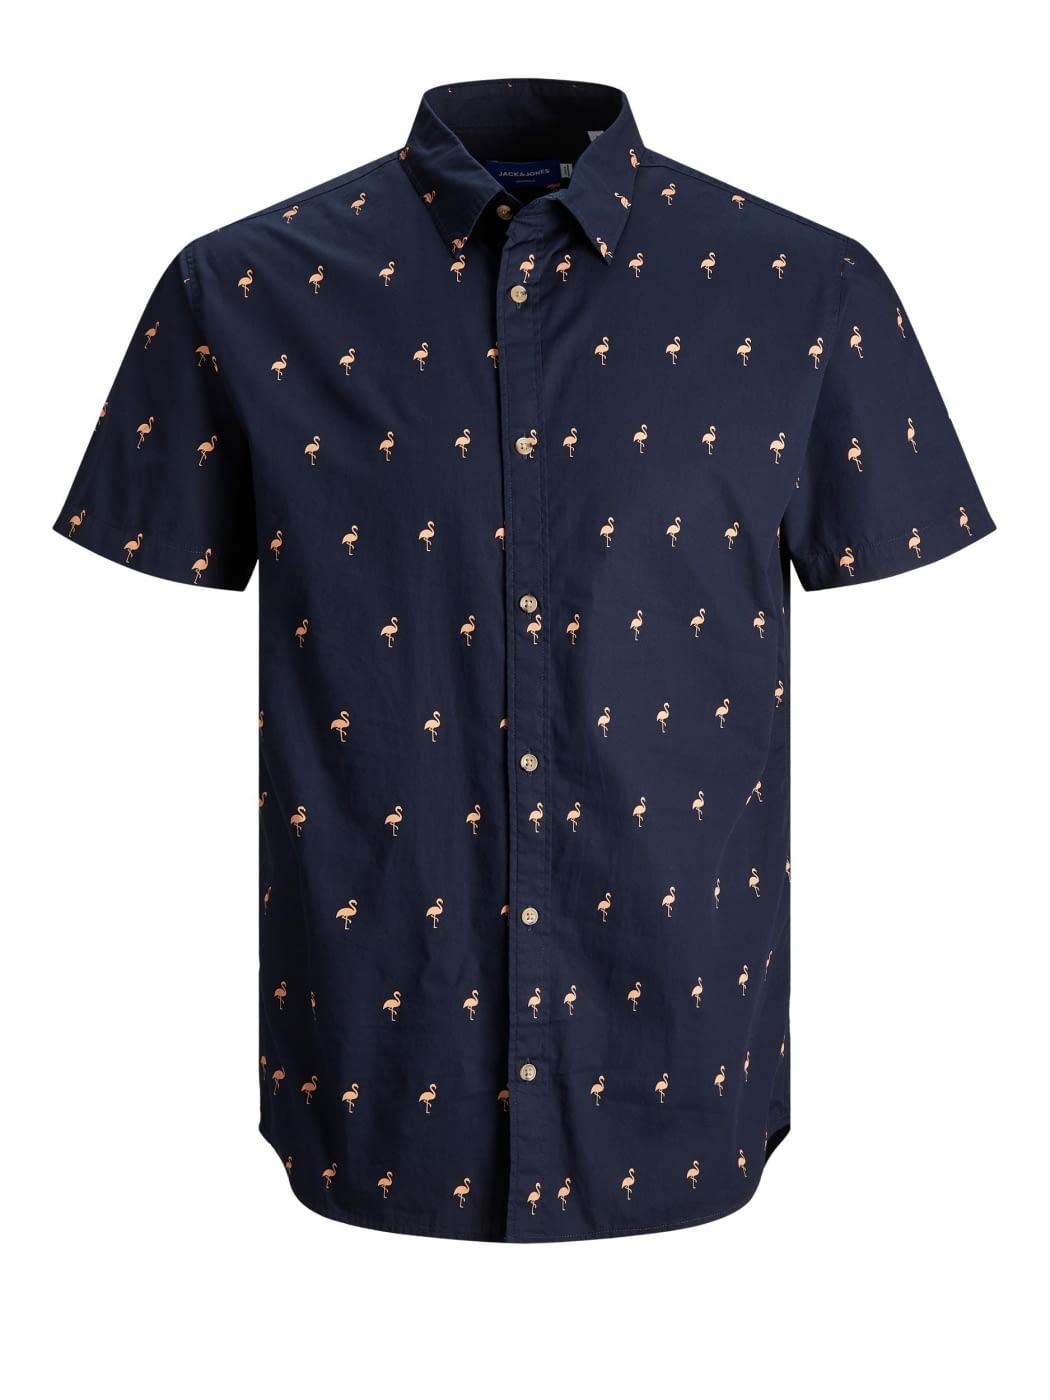 JORPOOLSIDE camisa manga corta